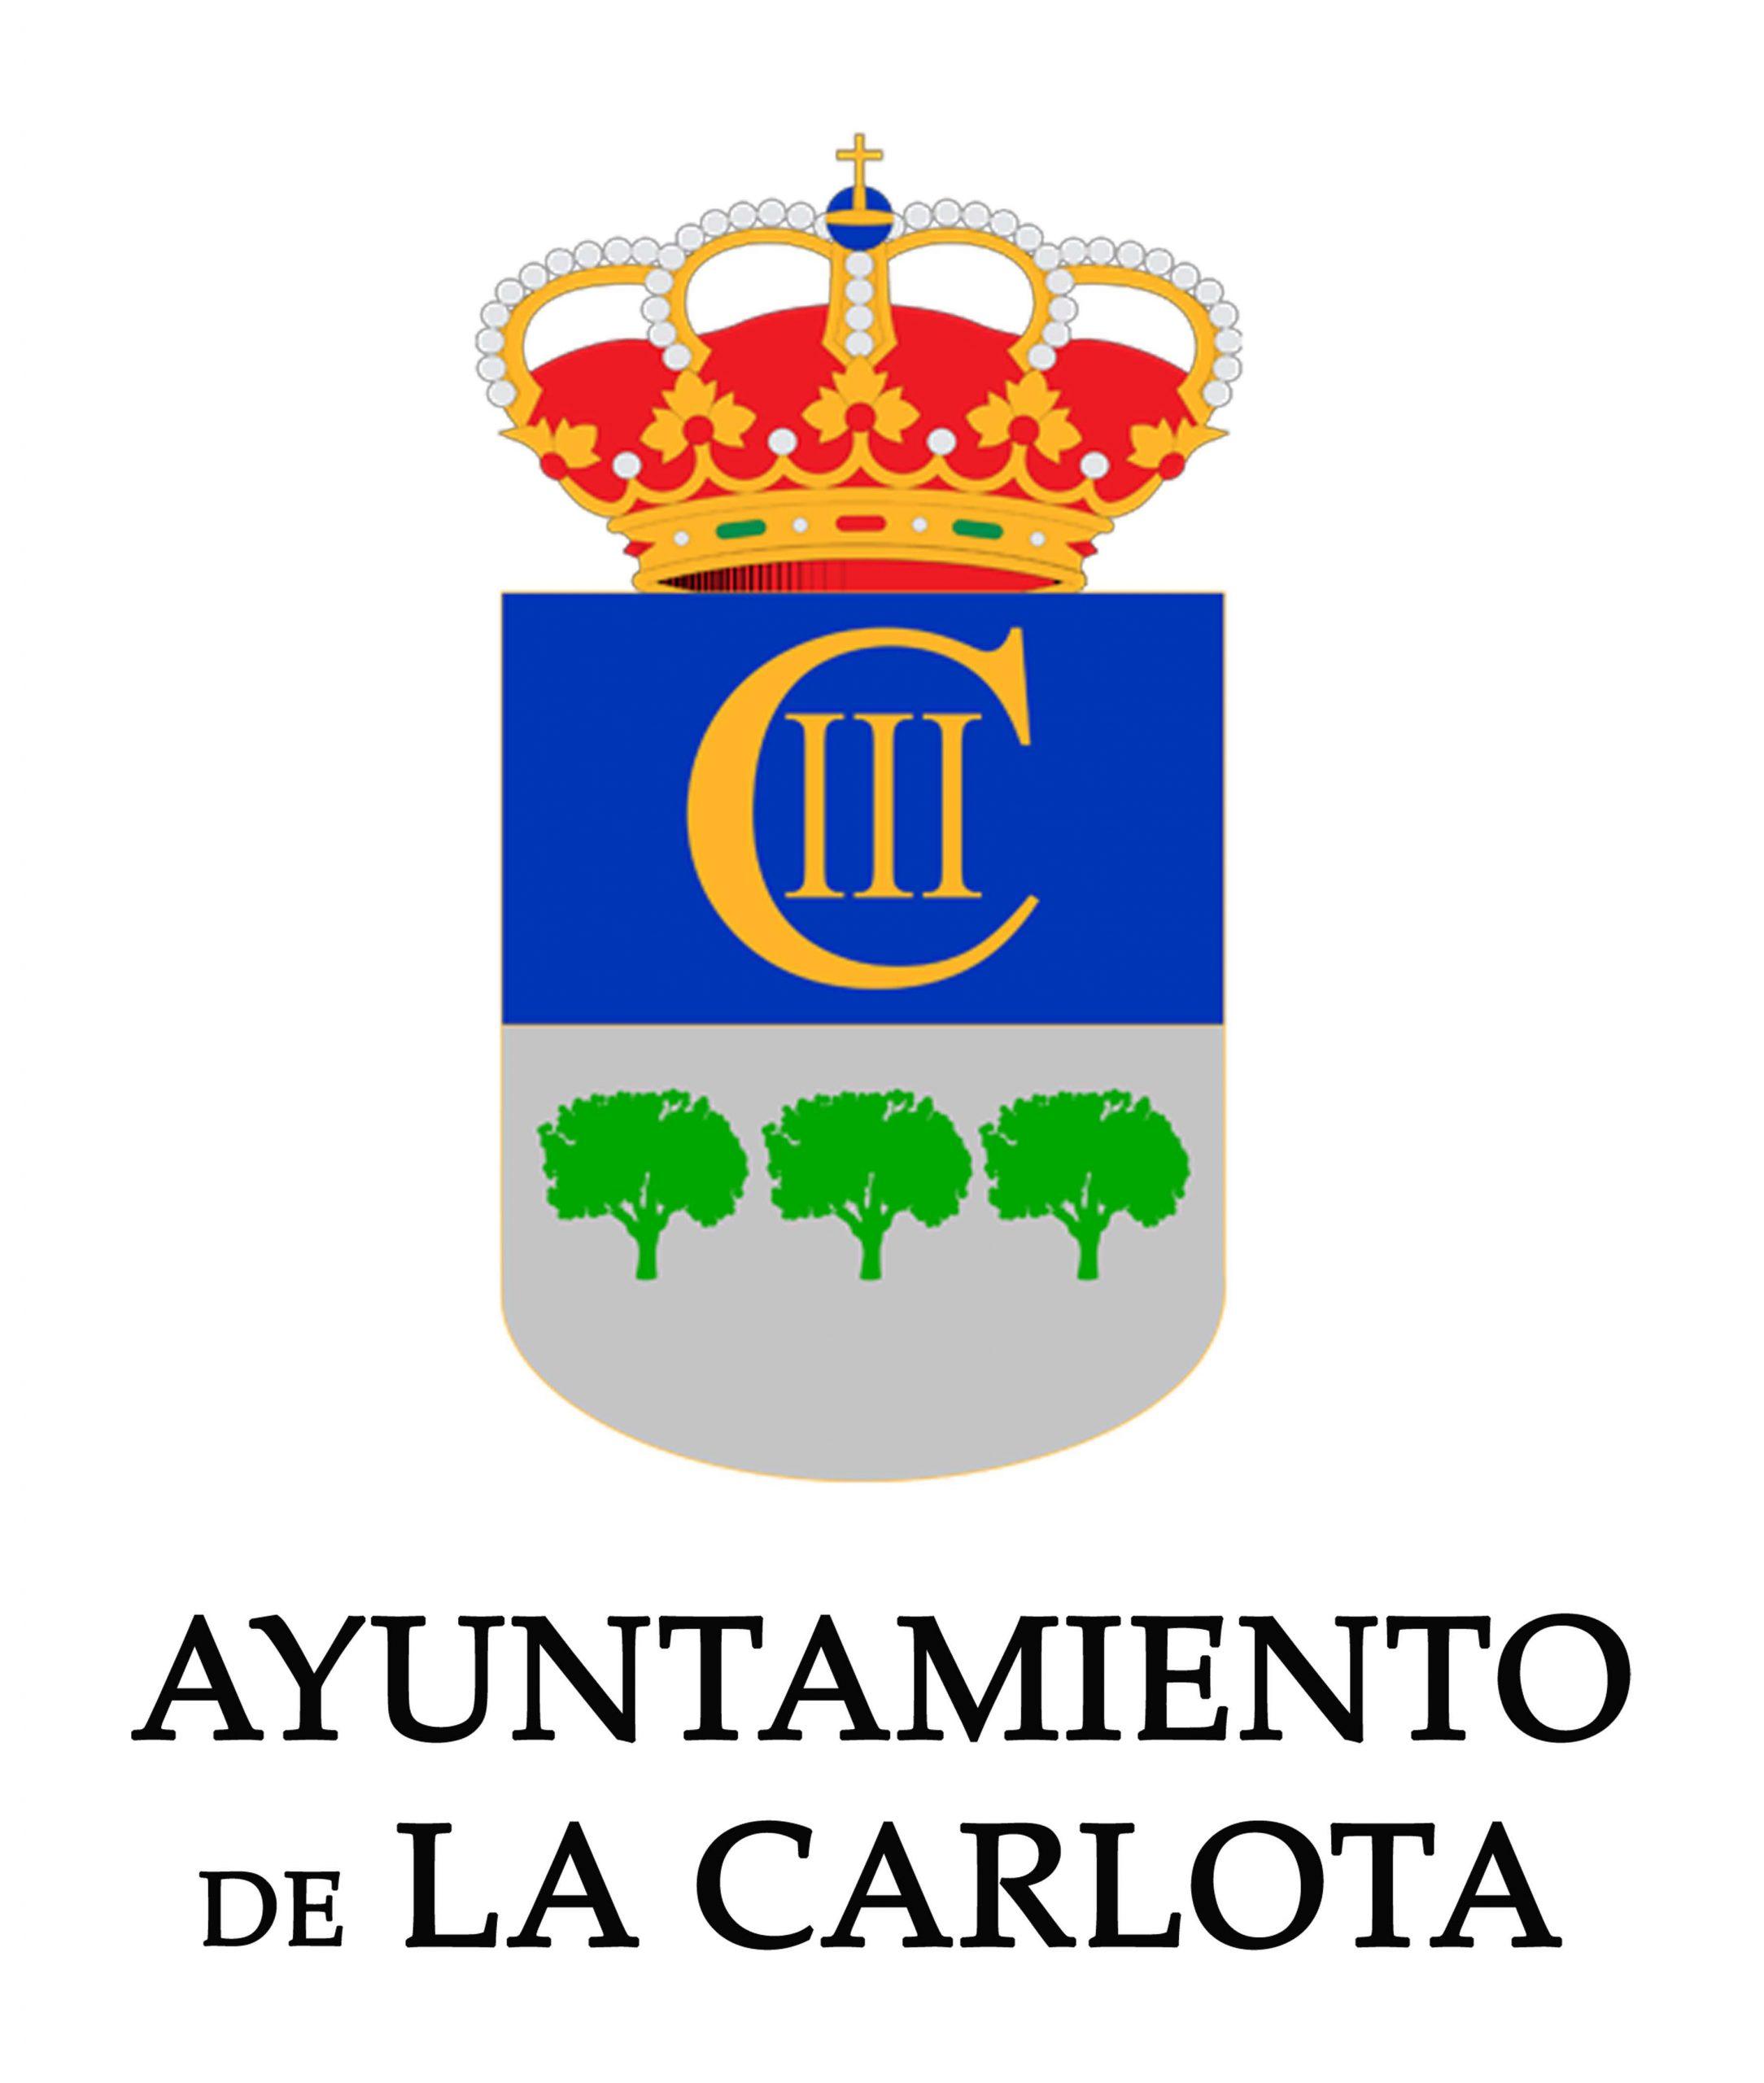 LA CARLOTA CUENTA CON UN NUEVO CASO POSITIVO DE COVID-19 1